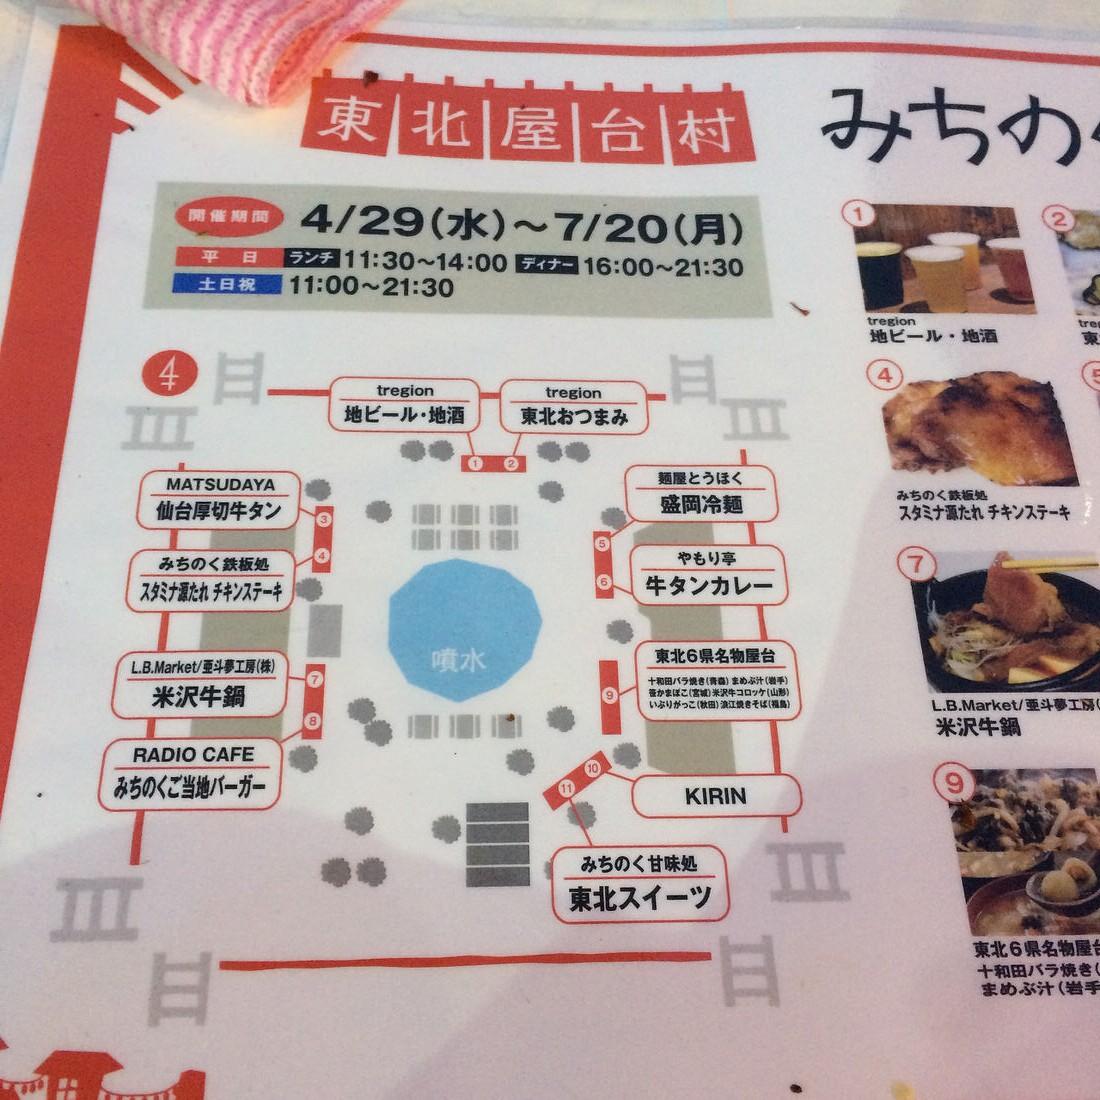 名古屋・栄で東北のおつまみを堪能できるみちのく食堂が期間限定で登場!